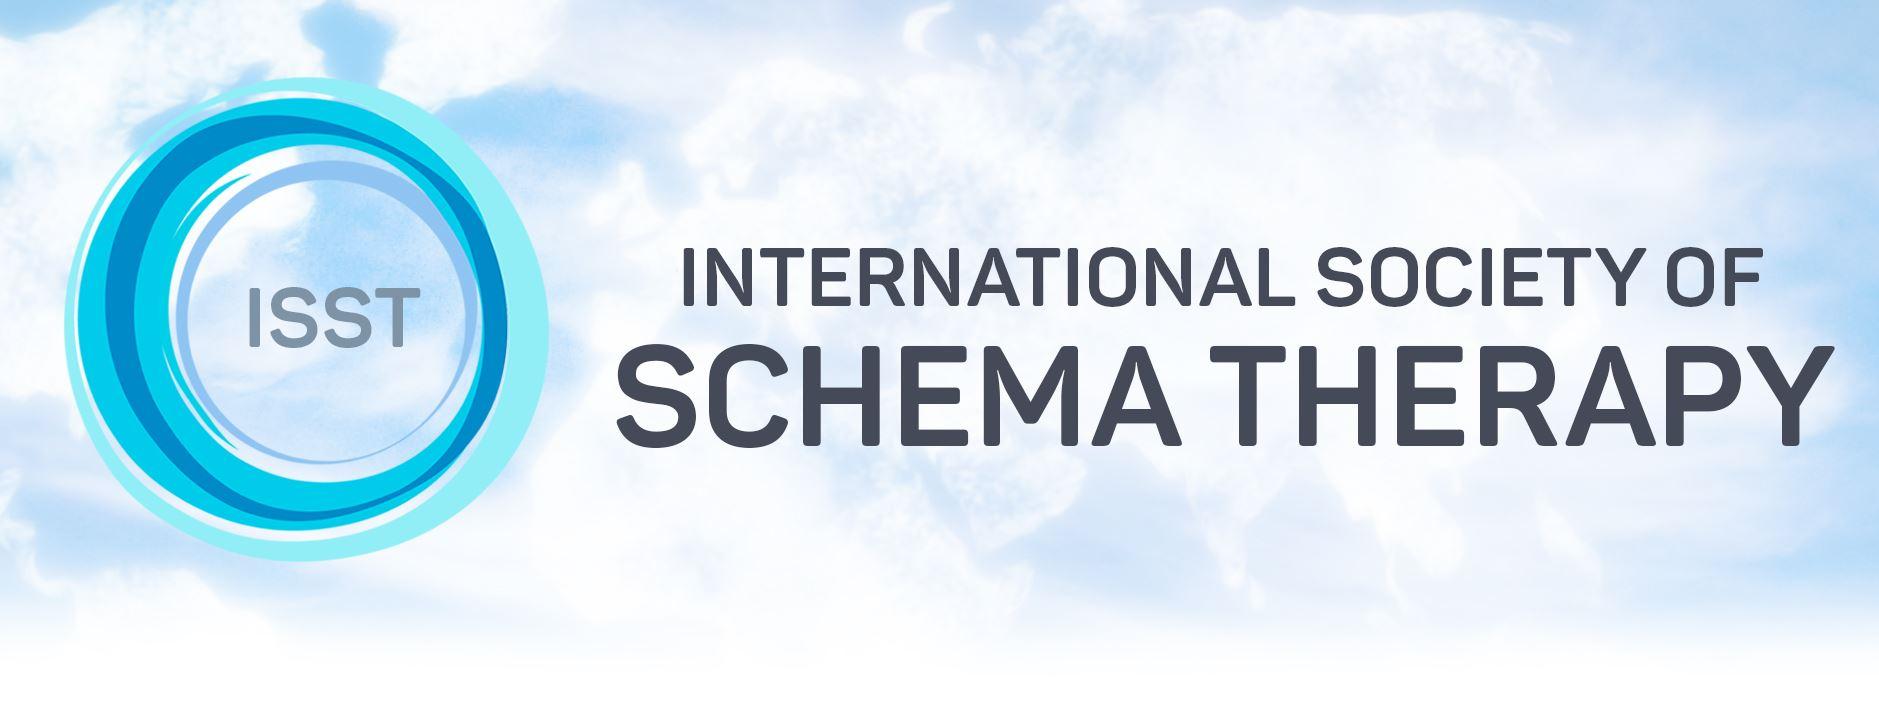 Schema Collegamento Nest : Schema therapy society home